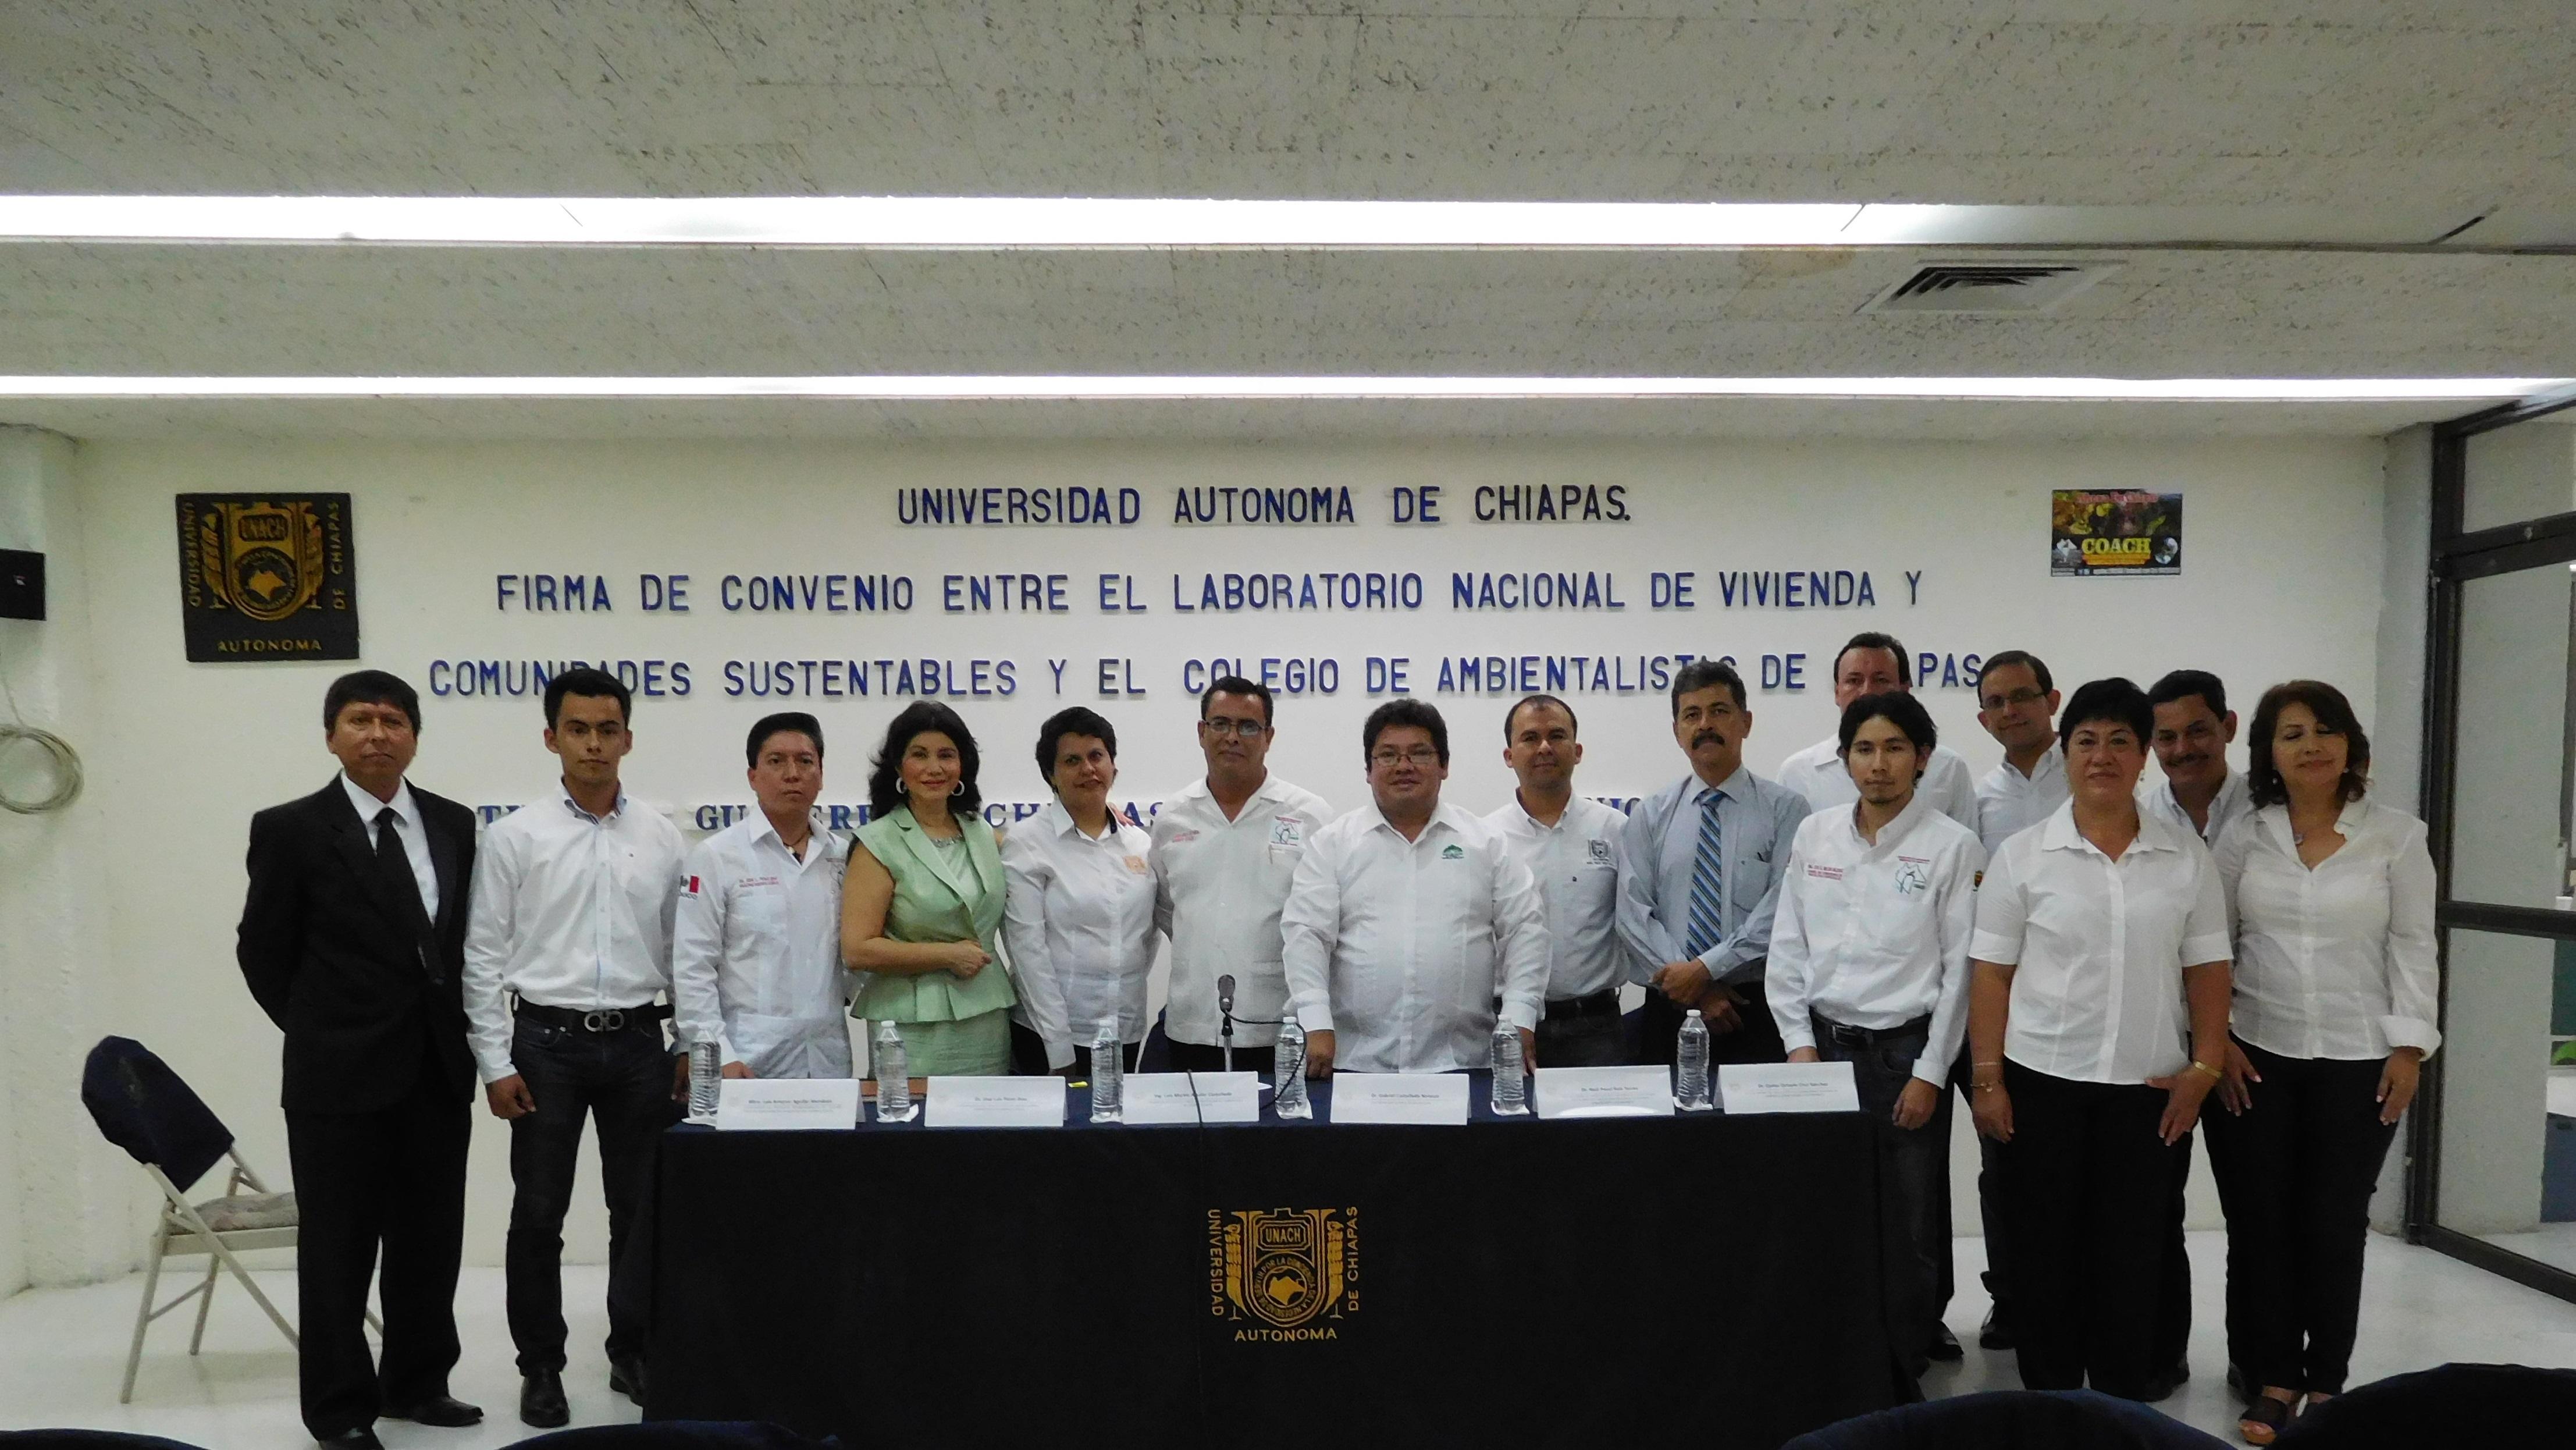 FIRMA DE CONVENIO ENTRE EL LABORATORIO NACIONAL DE VIVIENDA Y EL COLEGIO ÚNICO DE PROFESIONISTAS AMBIENTALES DE CHIAPAS (COACH)